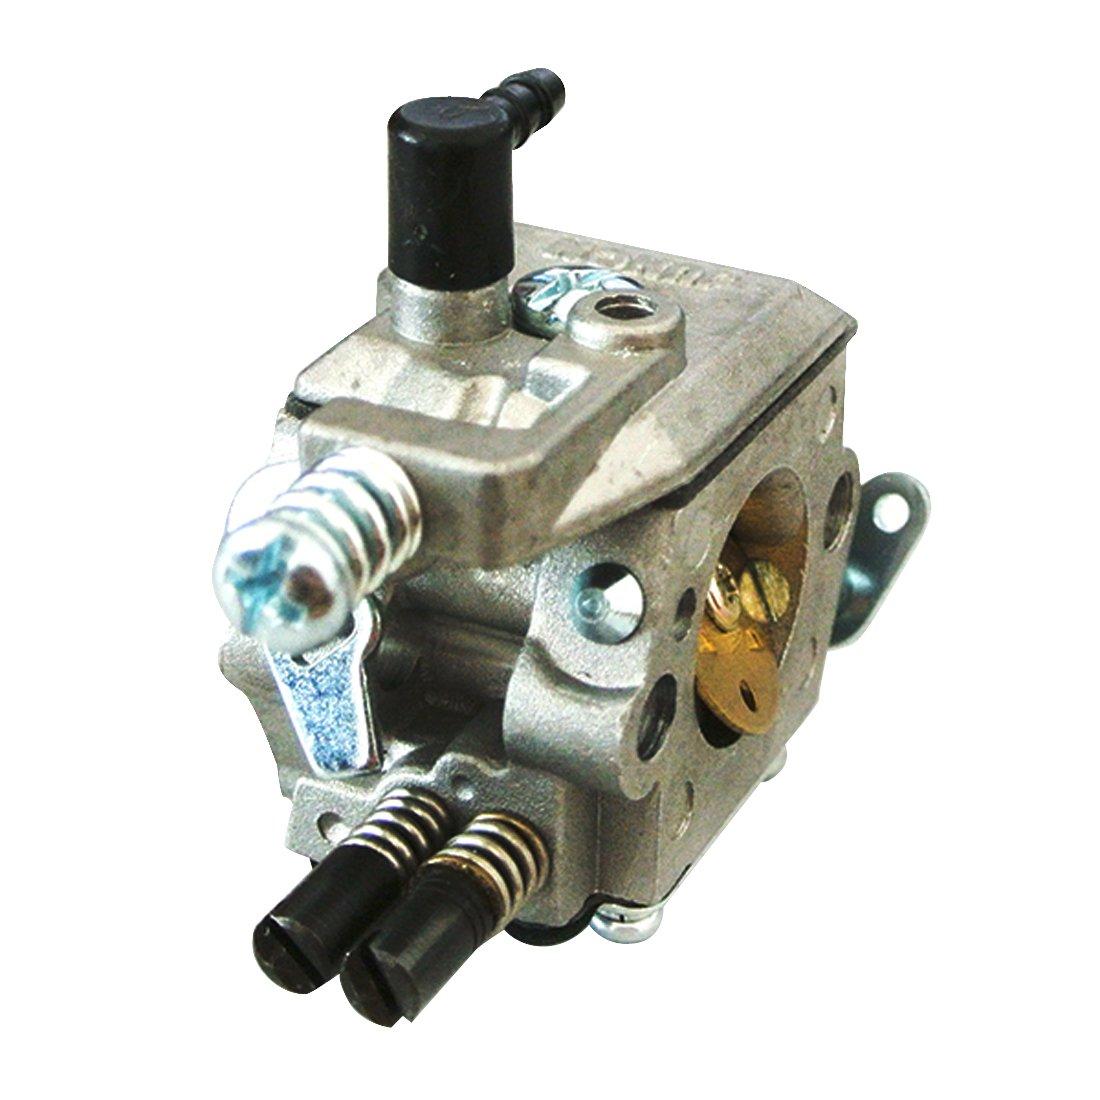 Generic carburatore per 45/cc 52/cc 58/CC 4500/5200/5800/motosega cinese Tarus Sanli Tarus T4500/T5200/Viron VR4500/VR5200/mt-9999